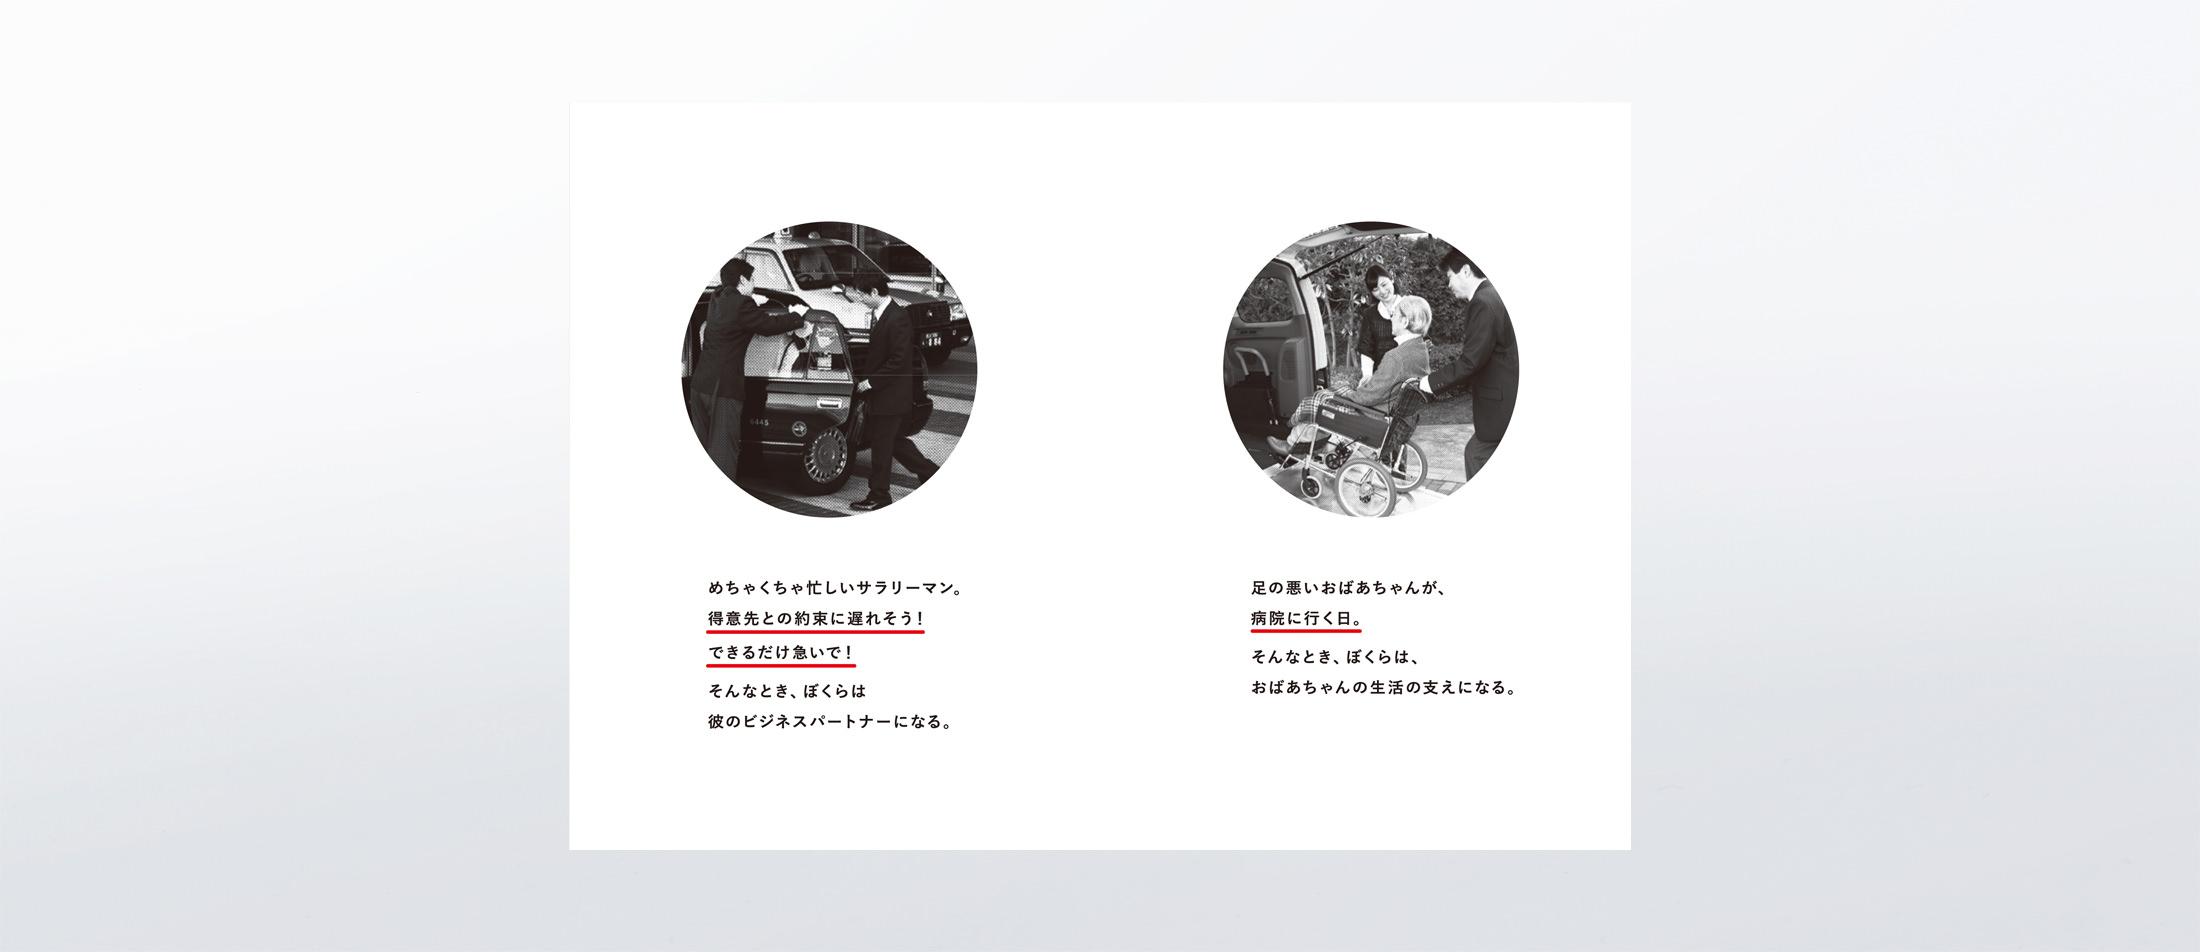 日の丸交通(2015採用パンフレット)